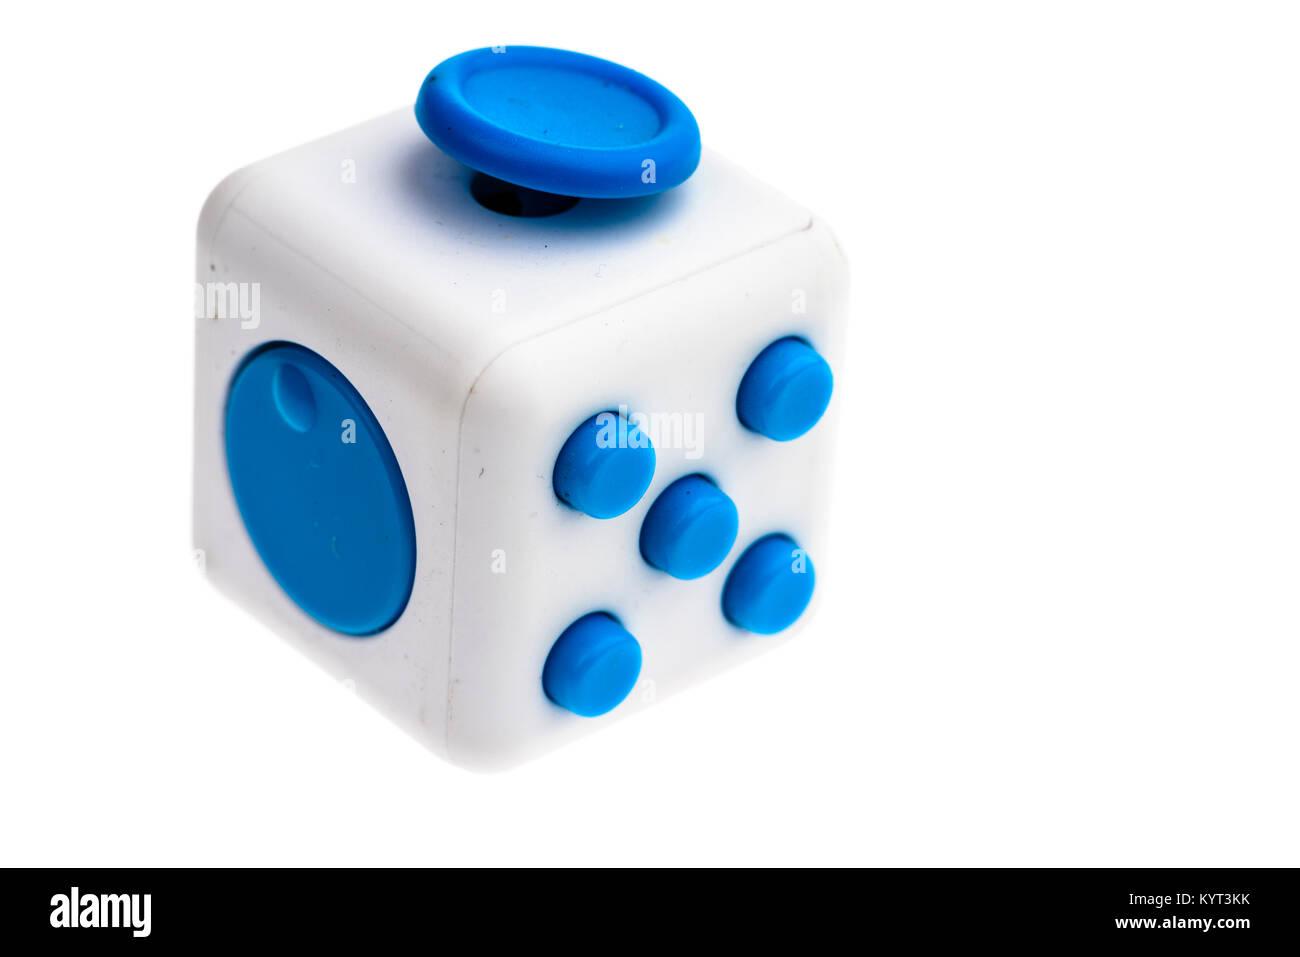 Molestar juguete cubo utilizado para ayudar a aliviar el estrés. Imagen De Stock